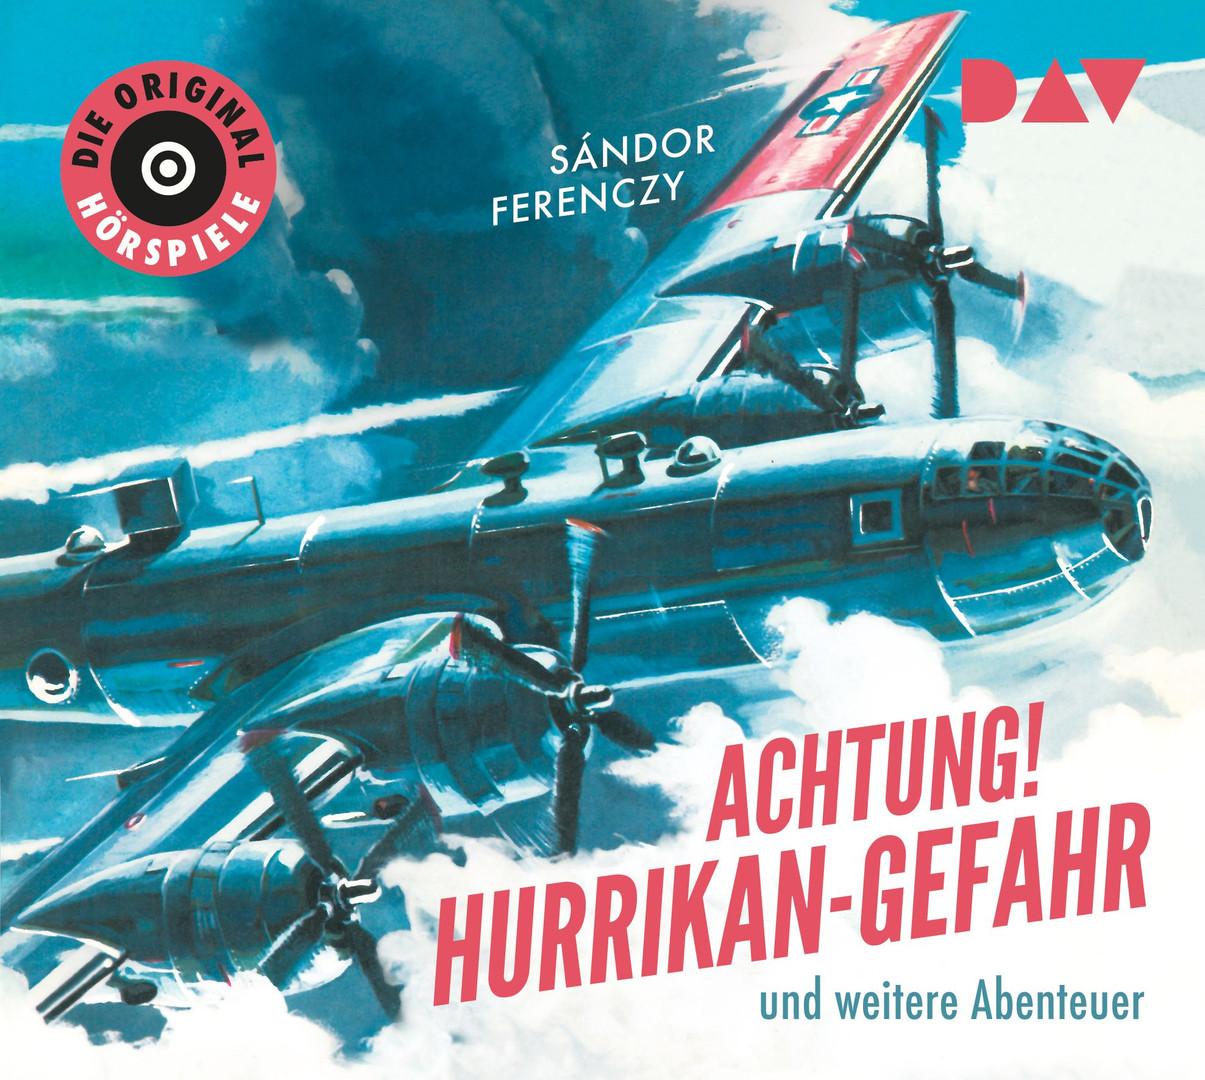 Sándor Ferenczy - Achtung! Hurrikan-Gefahr und weitere Abenteuer